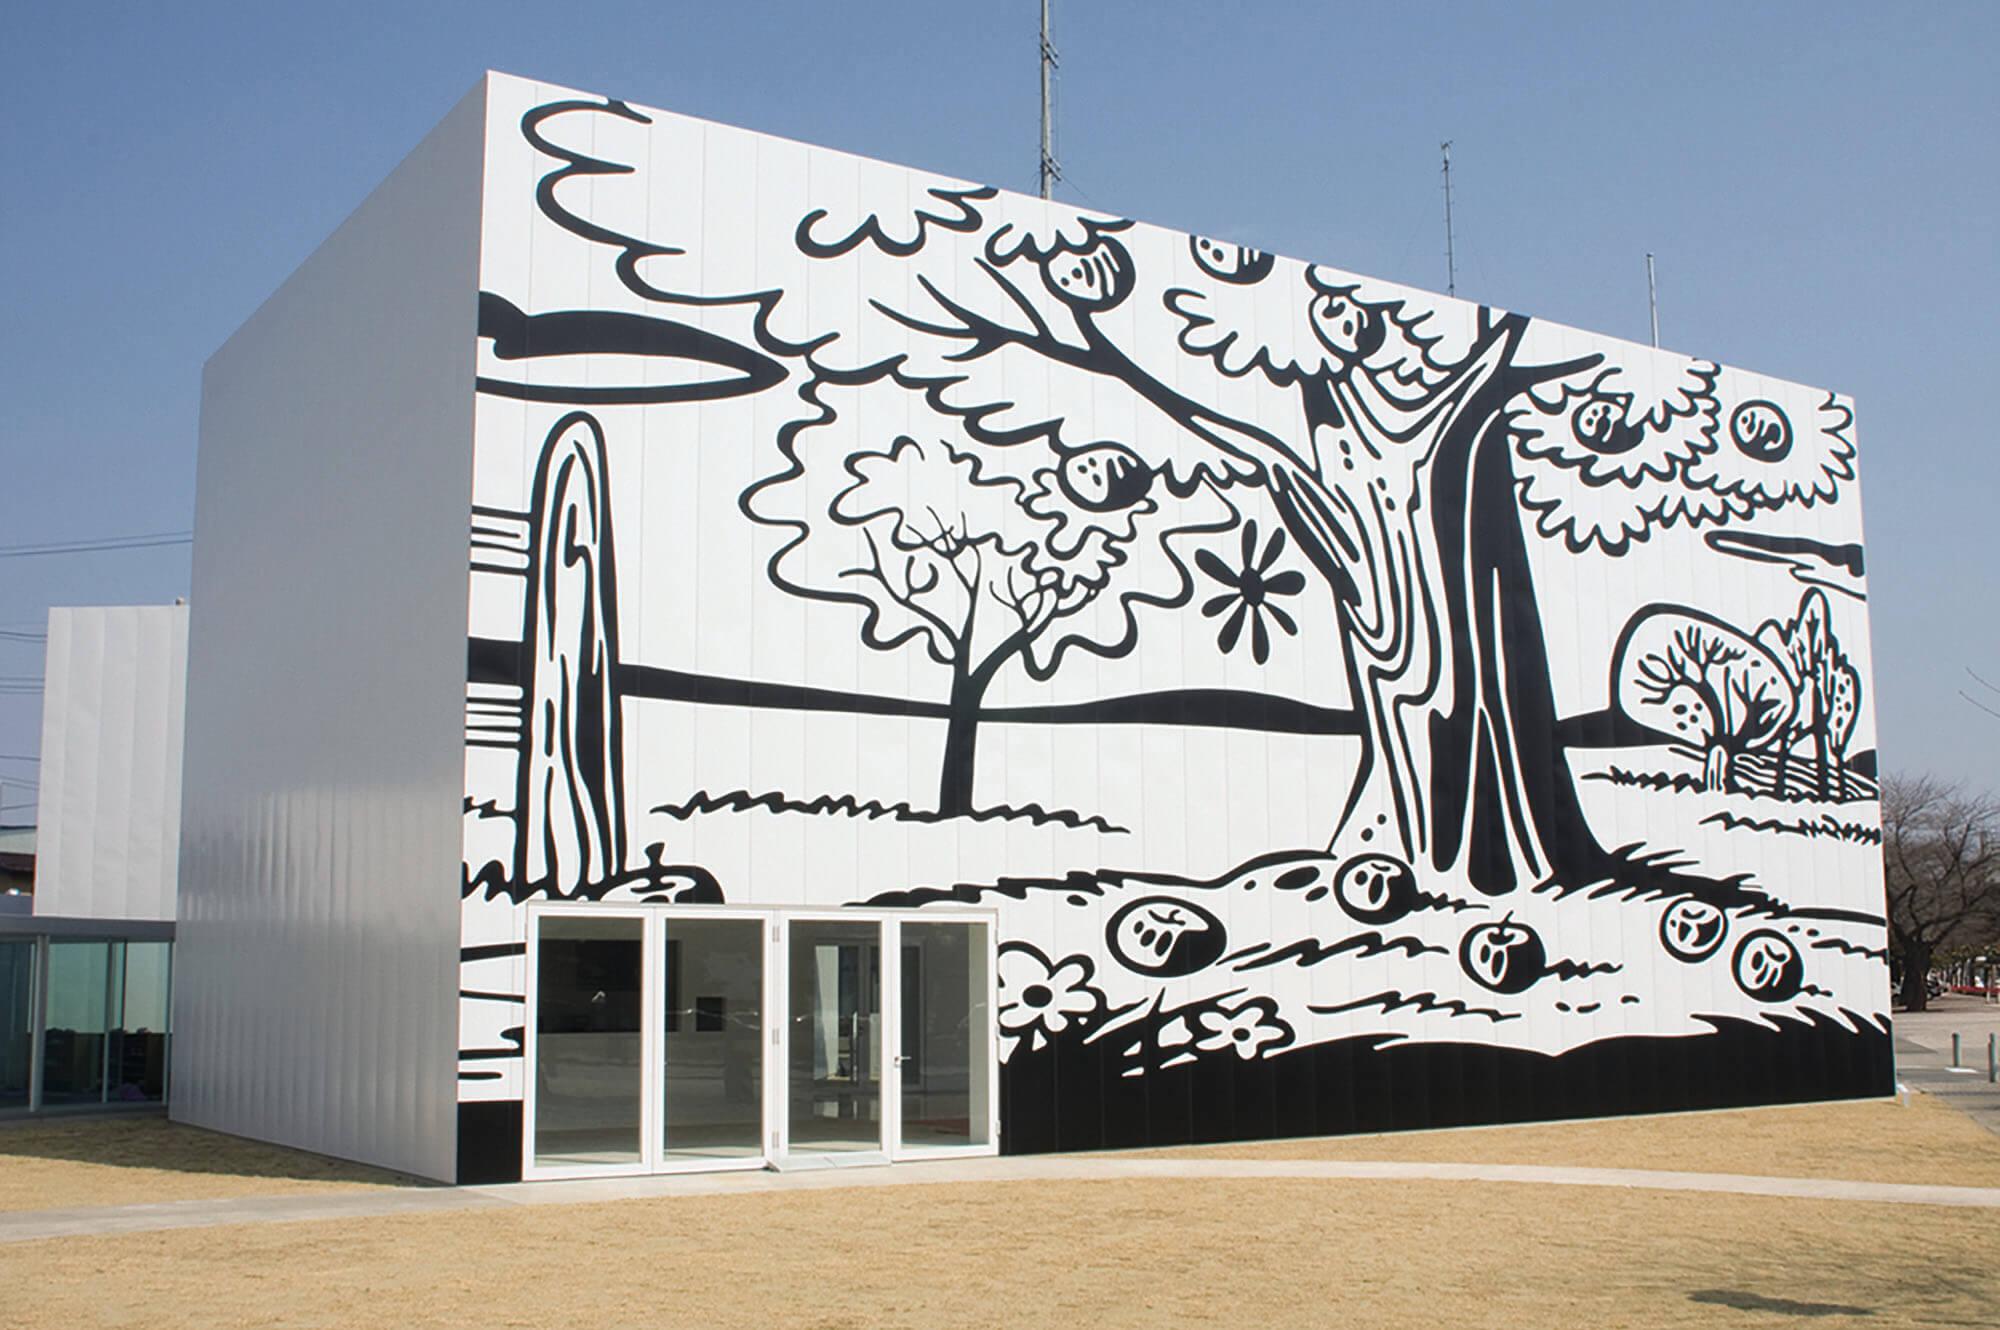 ポール・モリソン Ochrea 現代美術 Contemporary Art